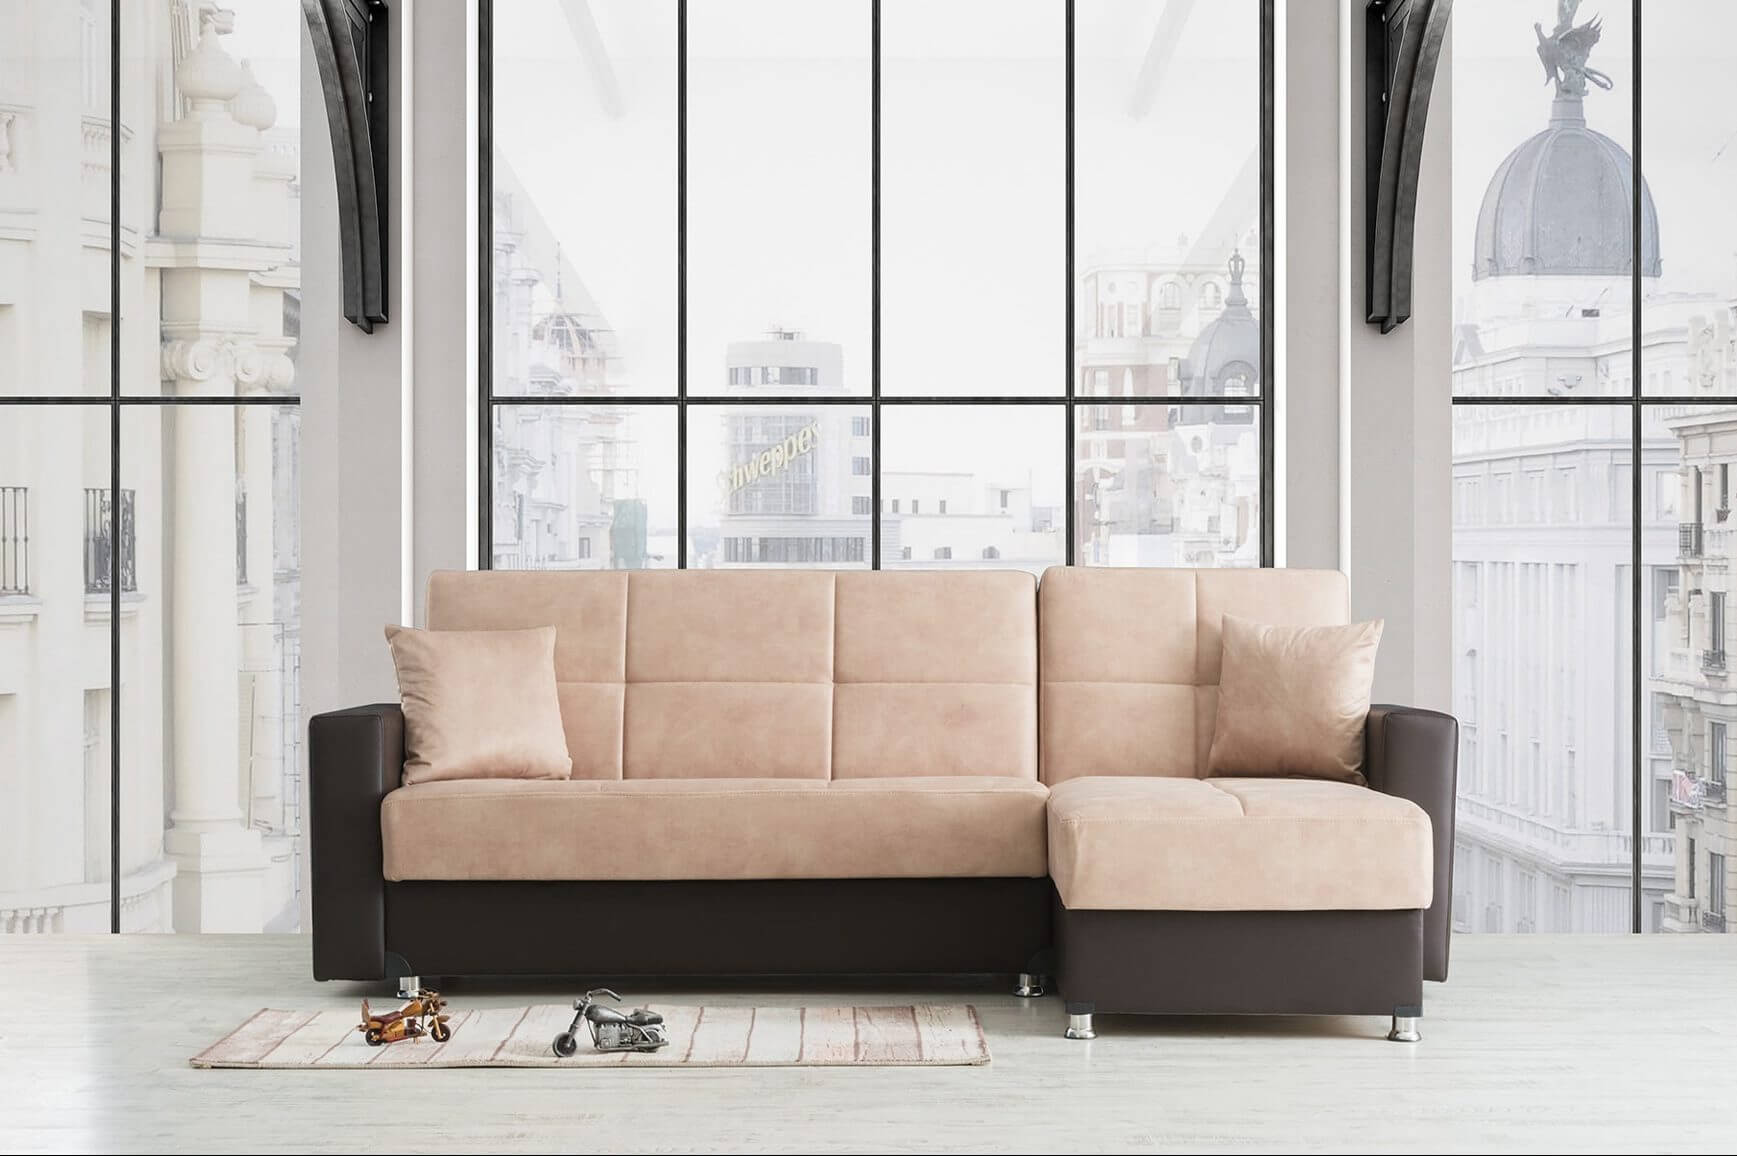 מערכת ישיבה פינתית נפתחת למיטה דגם לורה vn